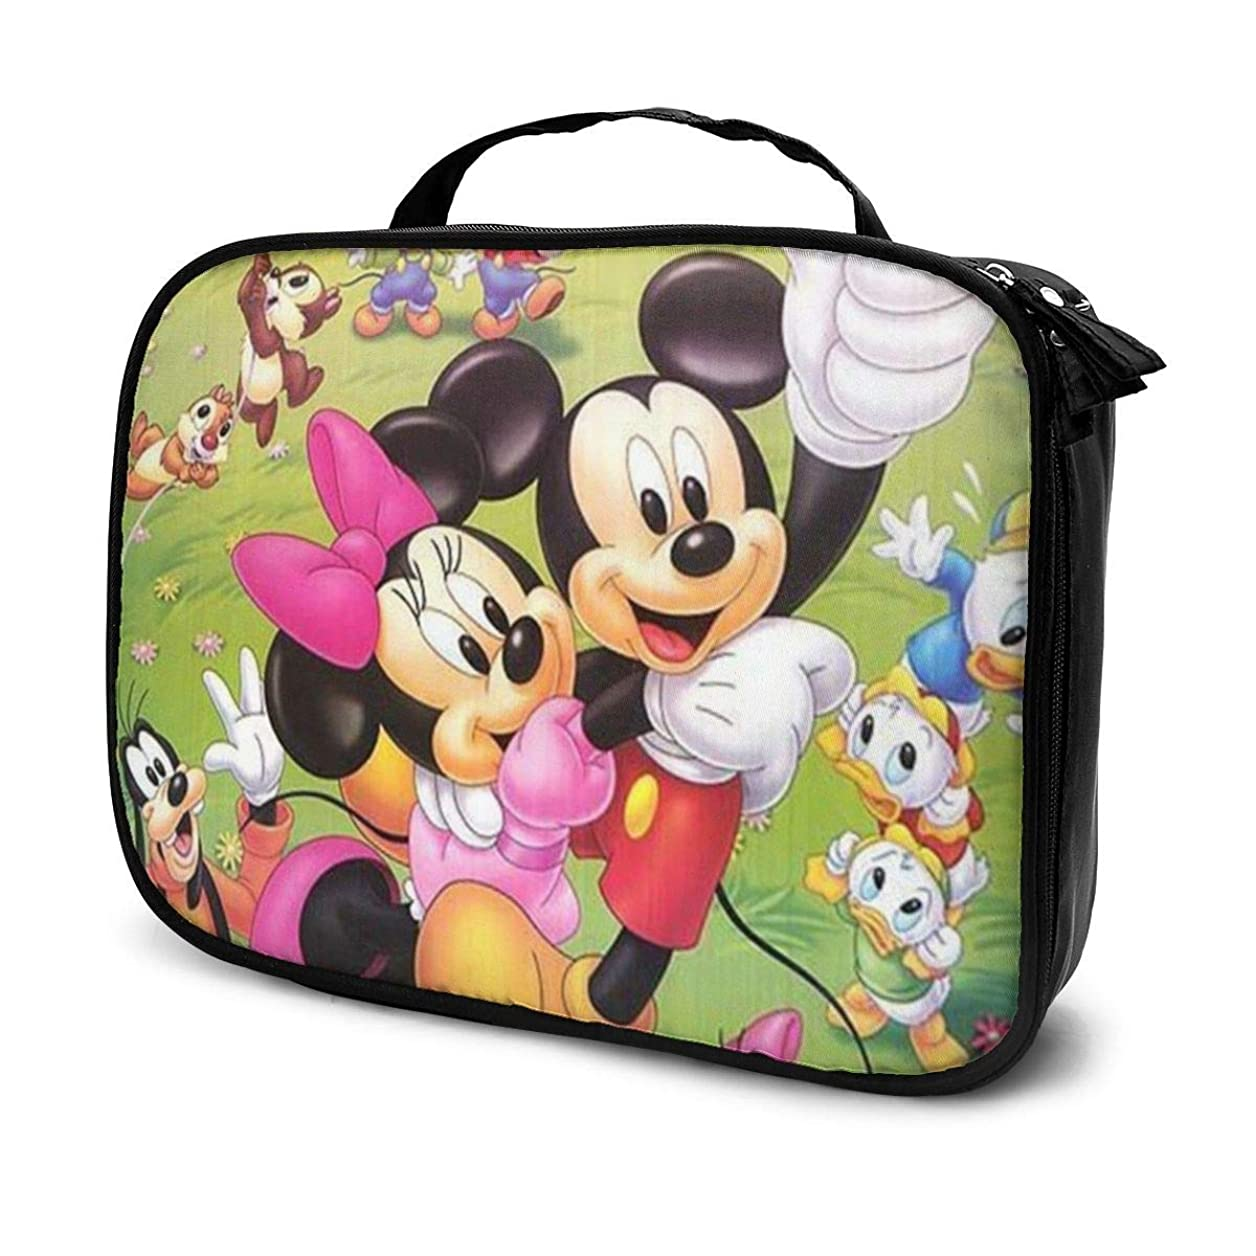 回答少なくともスキーDaituミッキーと仲間たち 化粧品袋の女性旅行バッグ収納大容量防水アクセサリー旅行